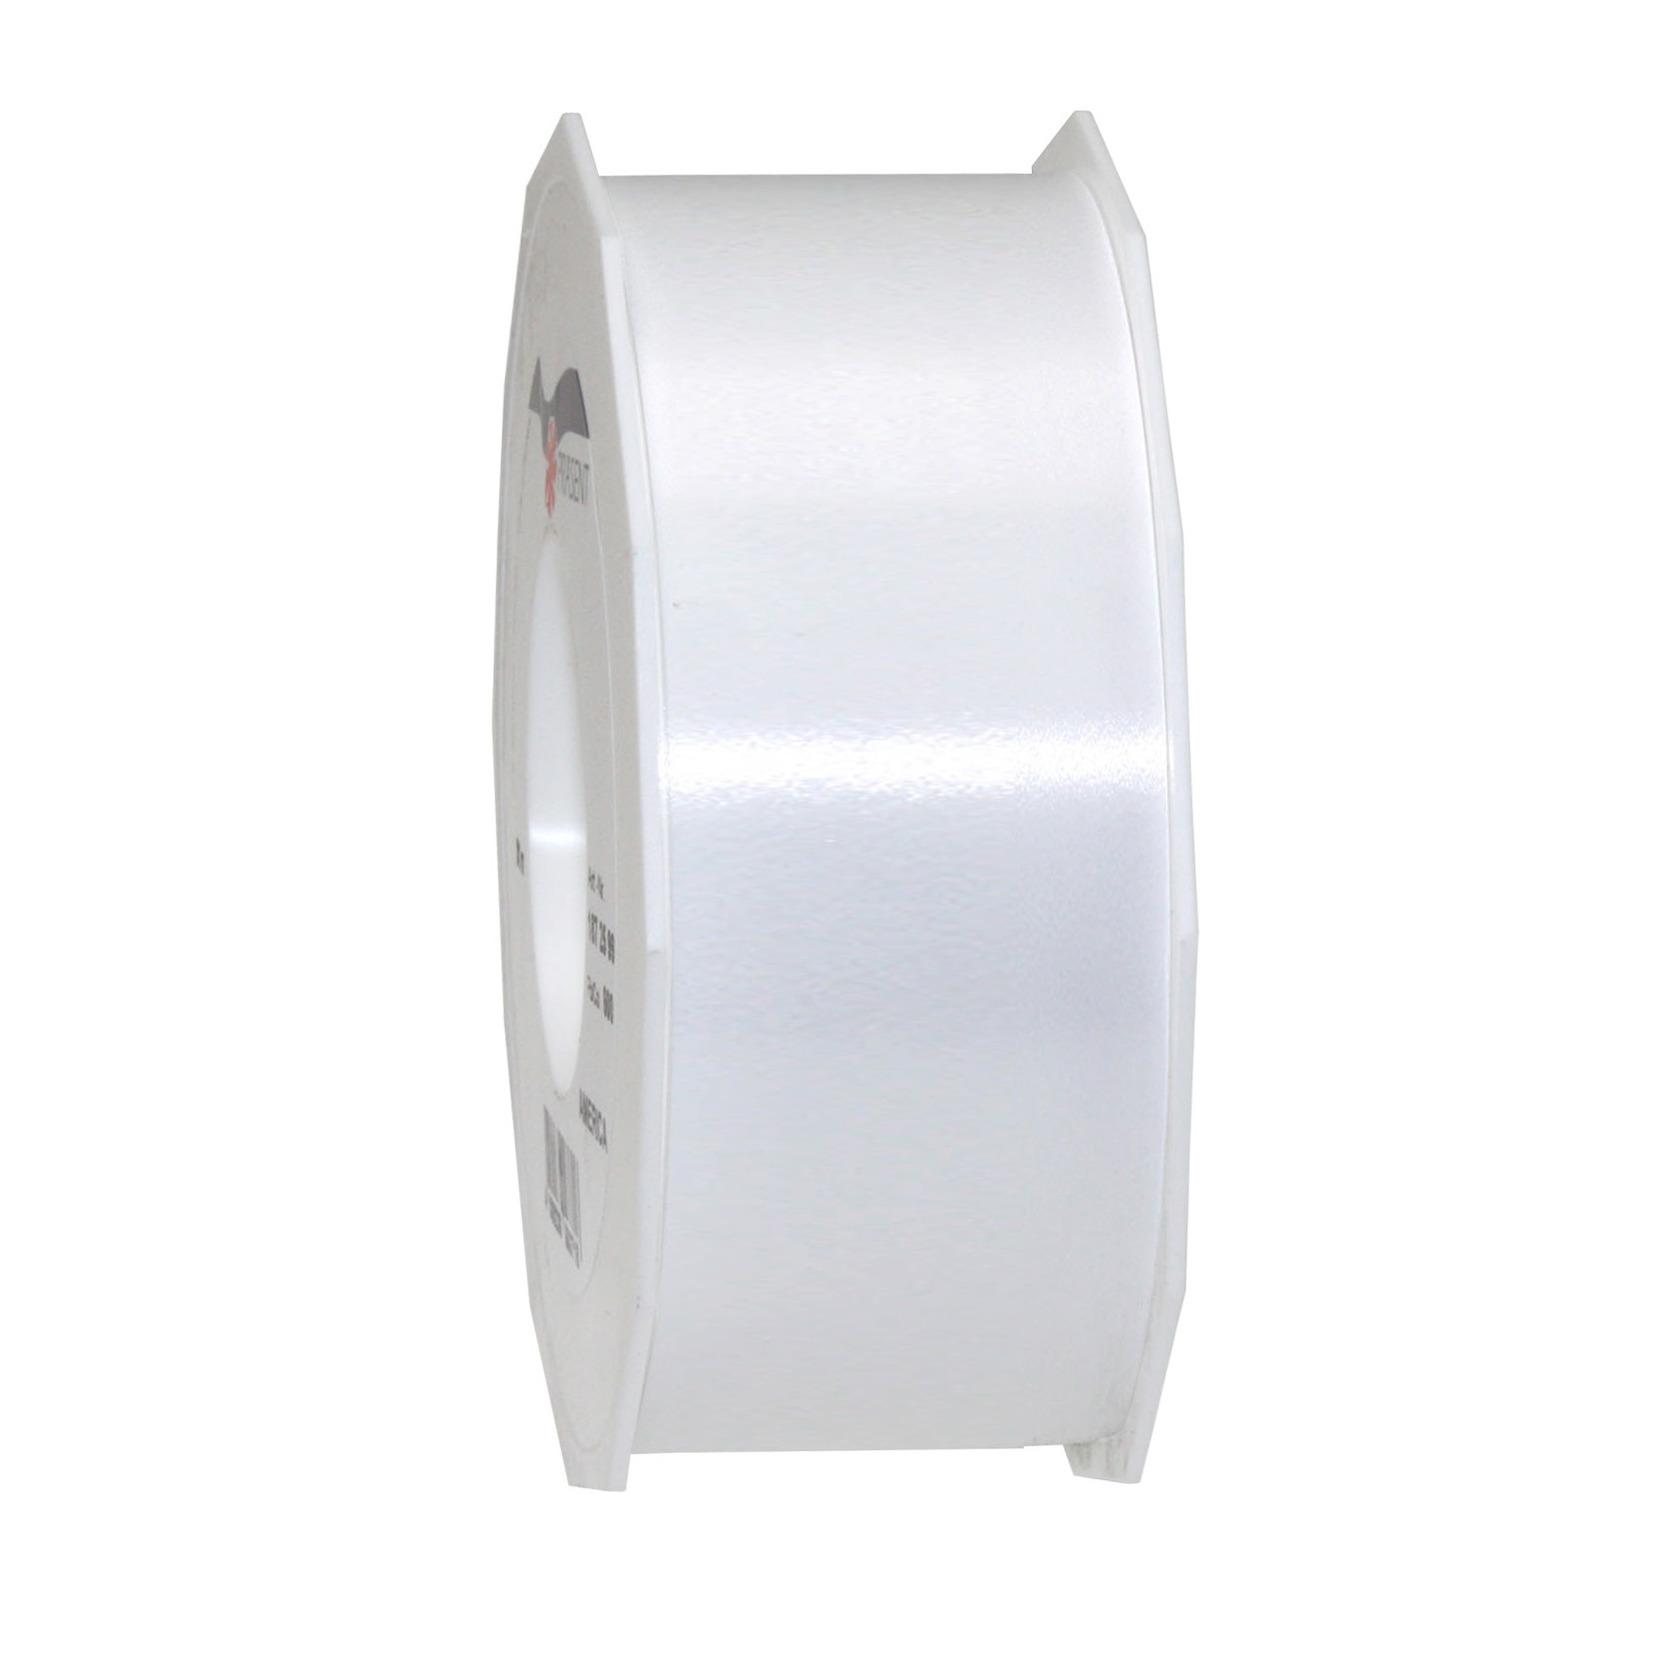 1x Luxe zilveren kunststof lint rollen 4 cm x 91 meter cadeaulint verpakkingsmateriaal